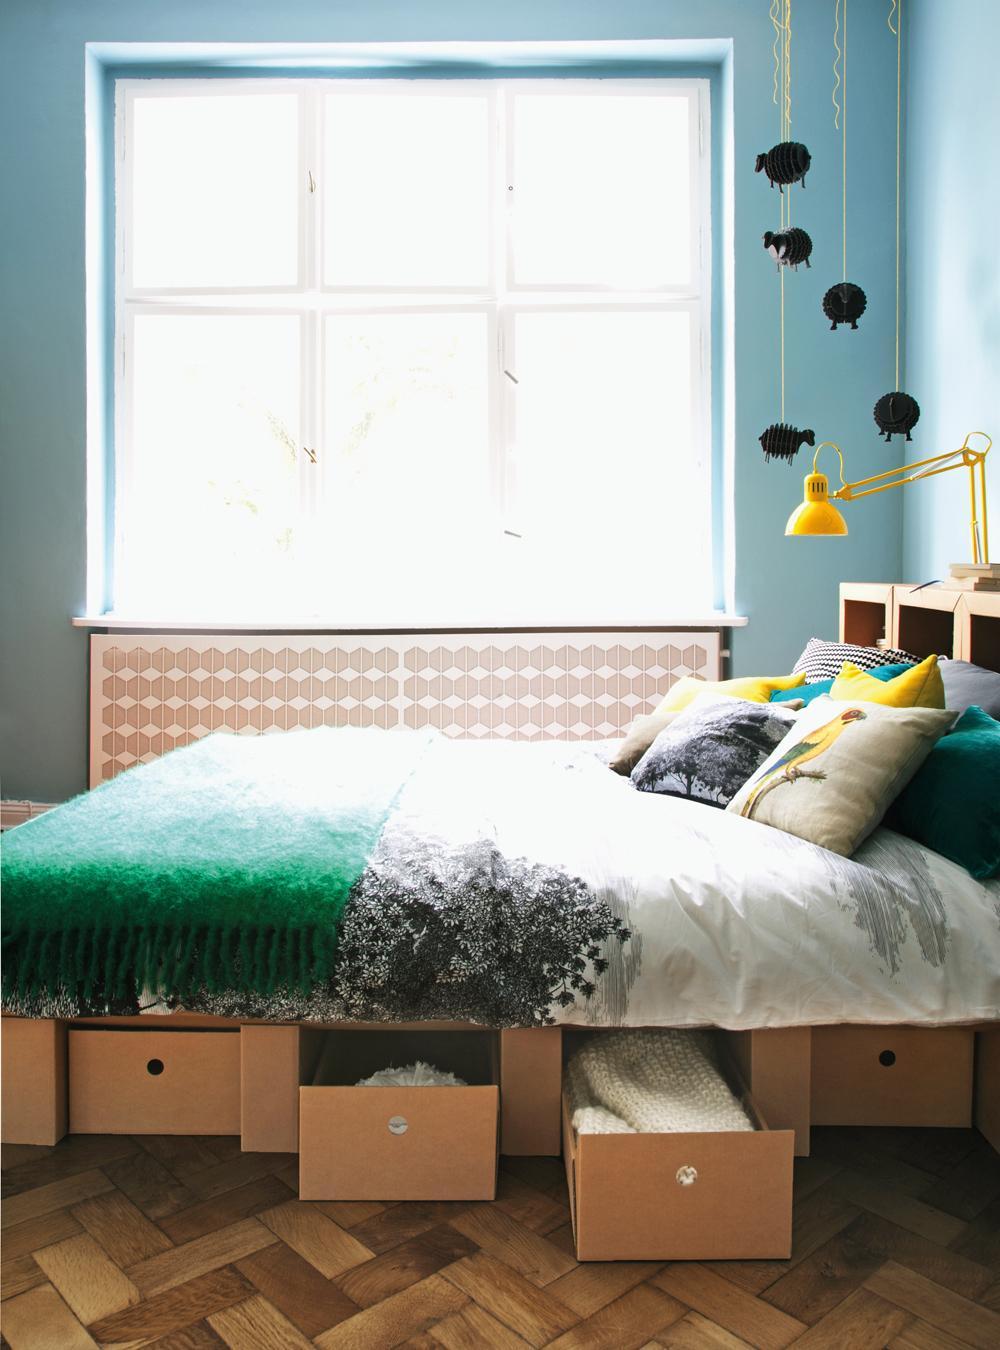 Full Size of Pappbett Ikea Bilder Ideen Couch Küche Kosten Betten 160x200 Sofa Mit Schlaffunktion Miniküche Modulküche Kaufen Bei Wohnzimmer Pappbett Ikea